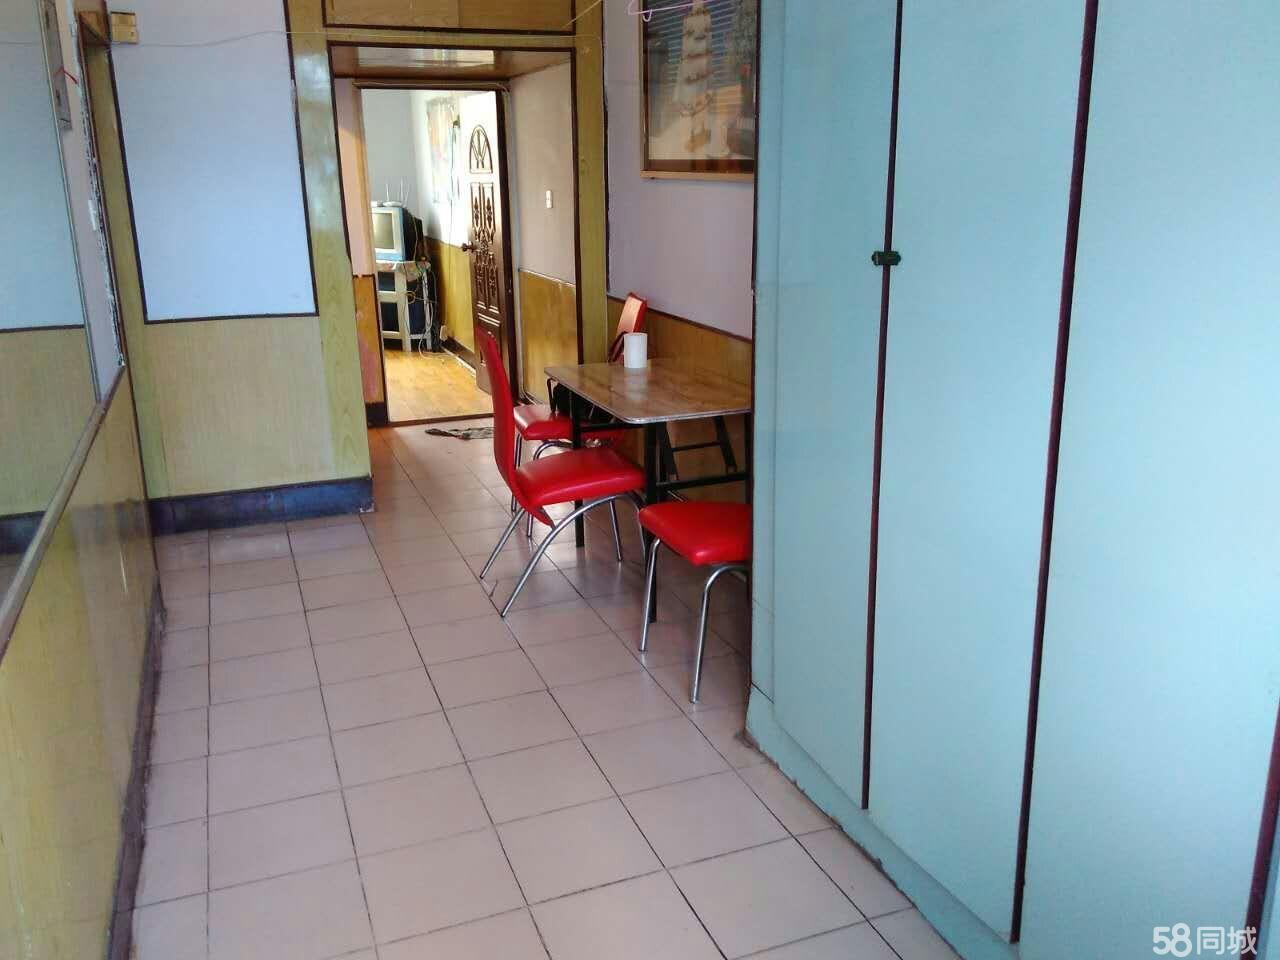 三角公园附近1室1厅40平米简单装修押一付一